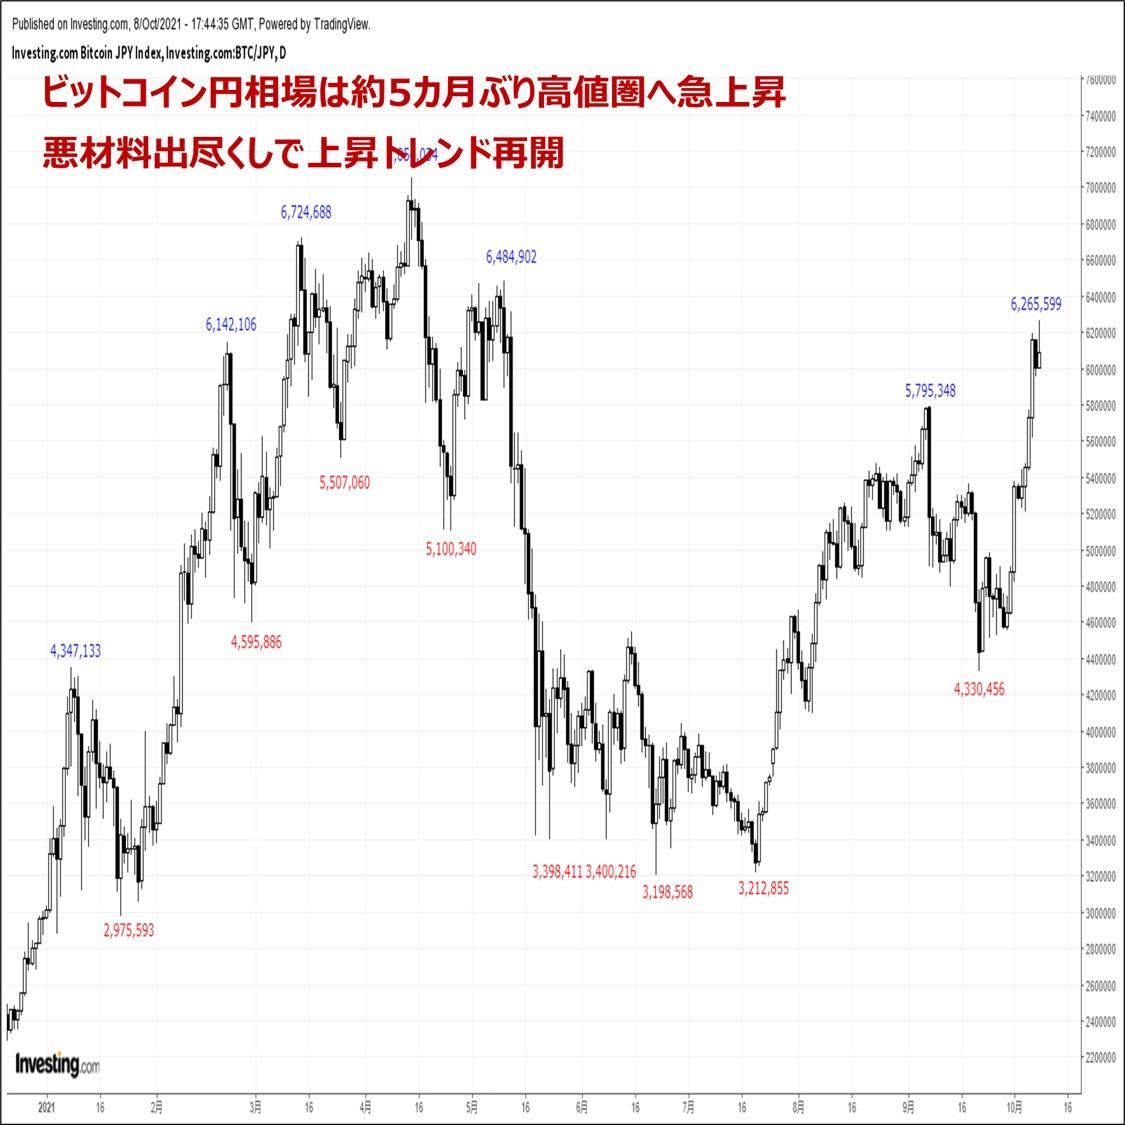 ビットコインの価格分析:『約5カ月ぶり高値圏へ急伸。世界的なインフレが後押し』(10/9)